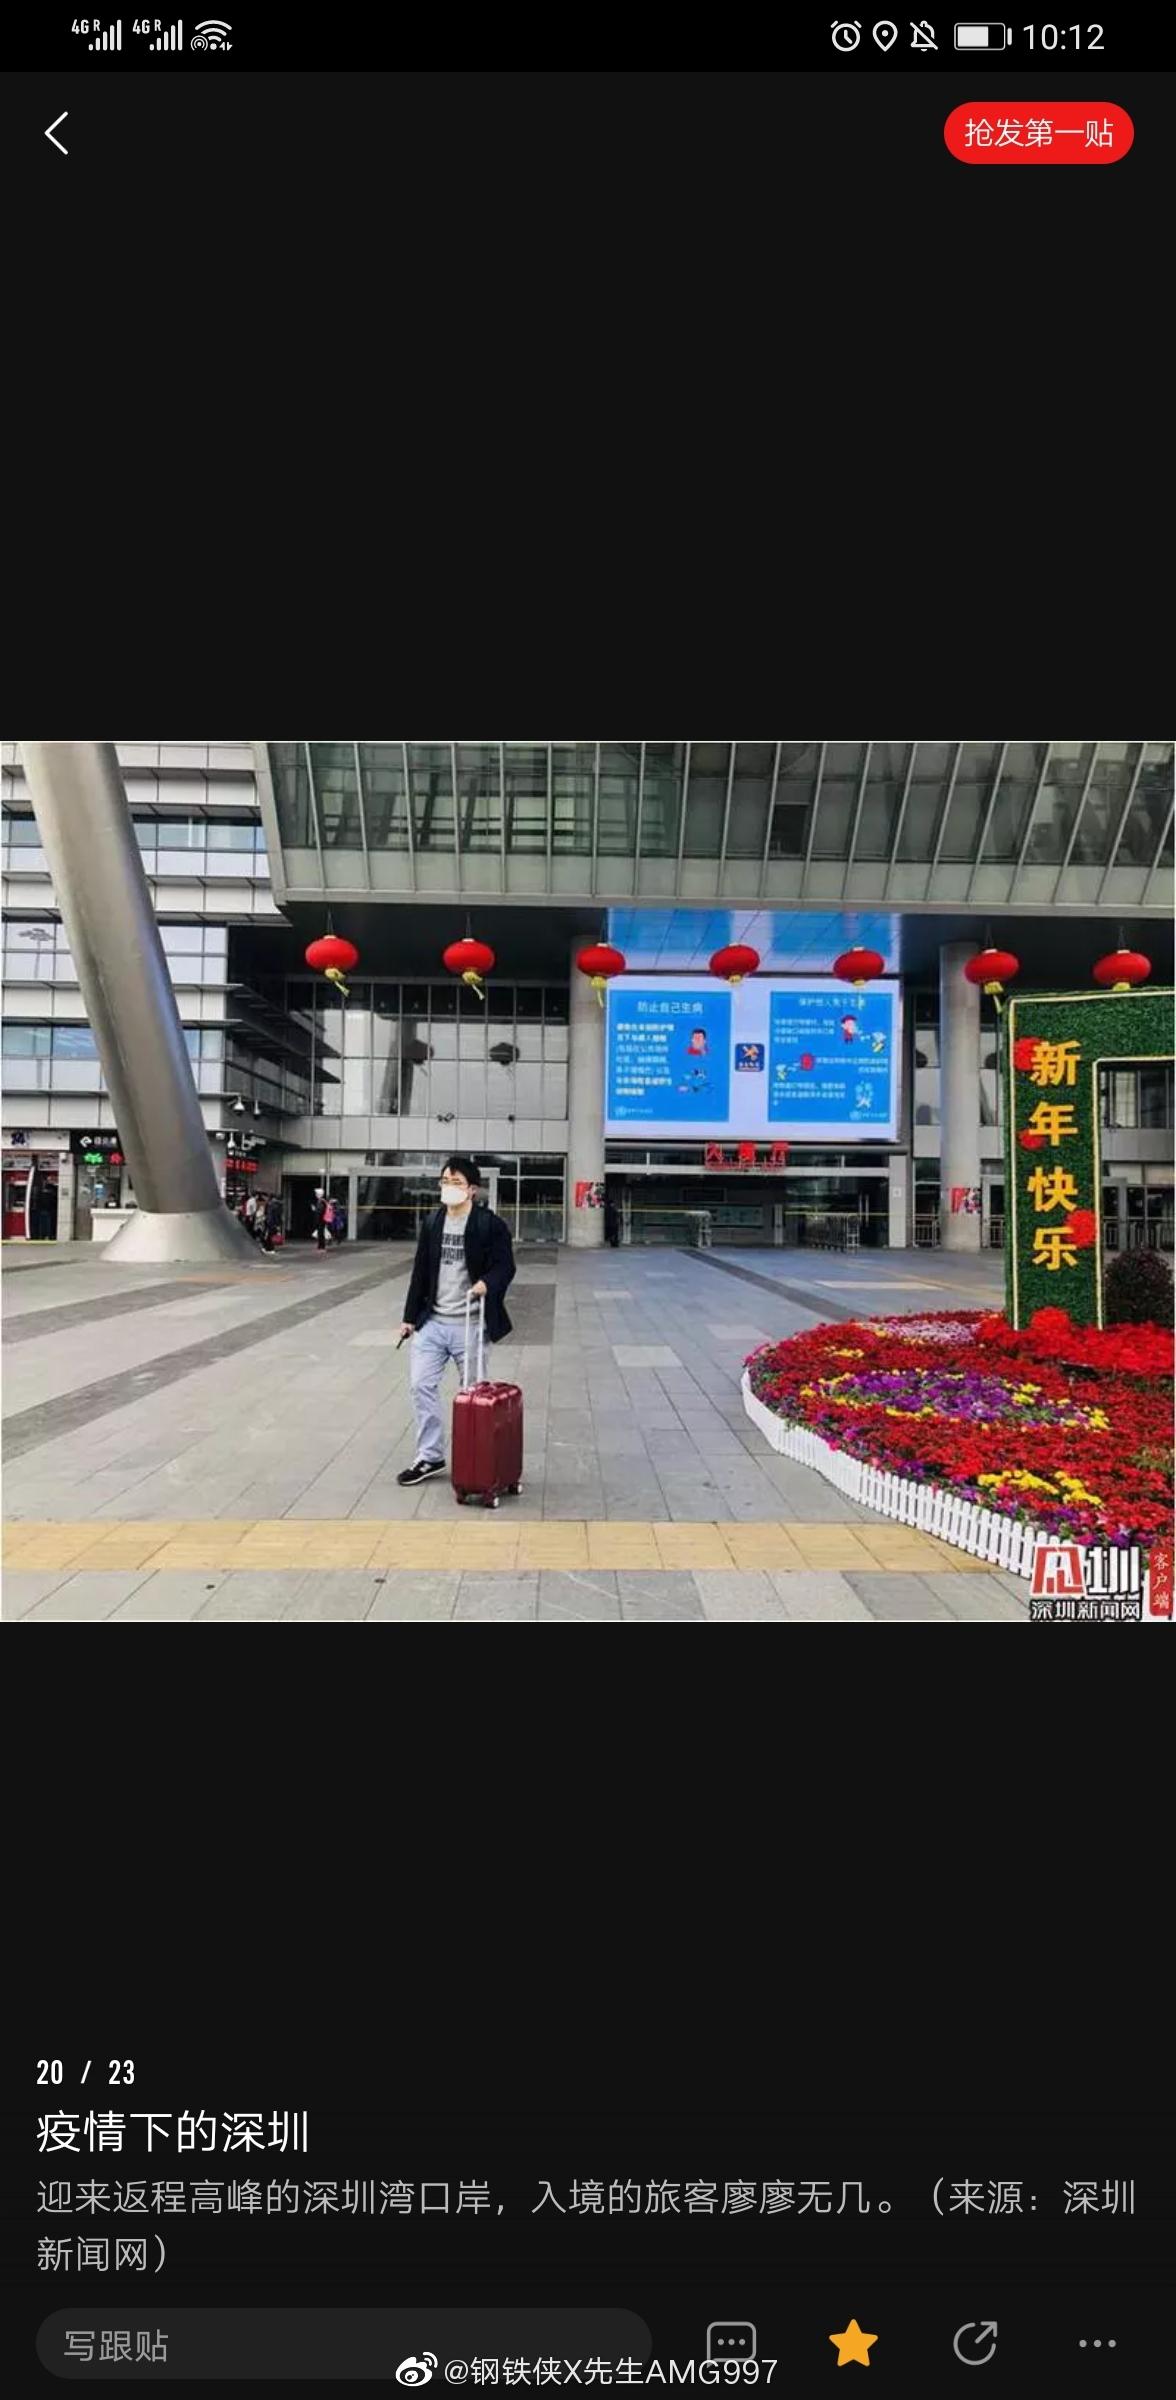 疫情下的深圳,欢乐海岸,市民中心,9号地铁,晚高峰深南大道